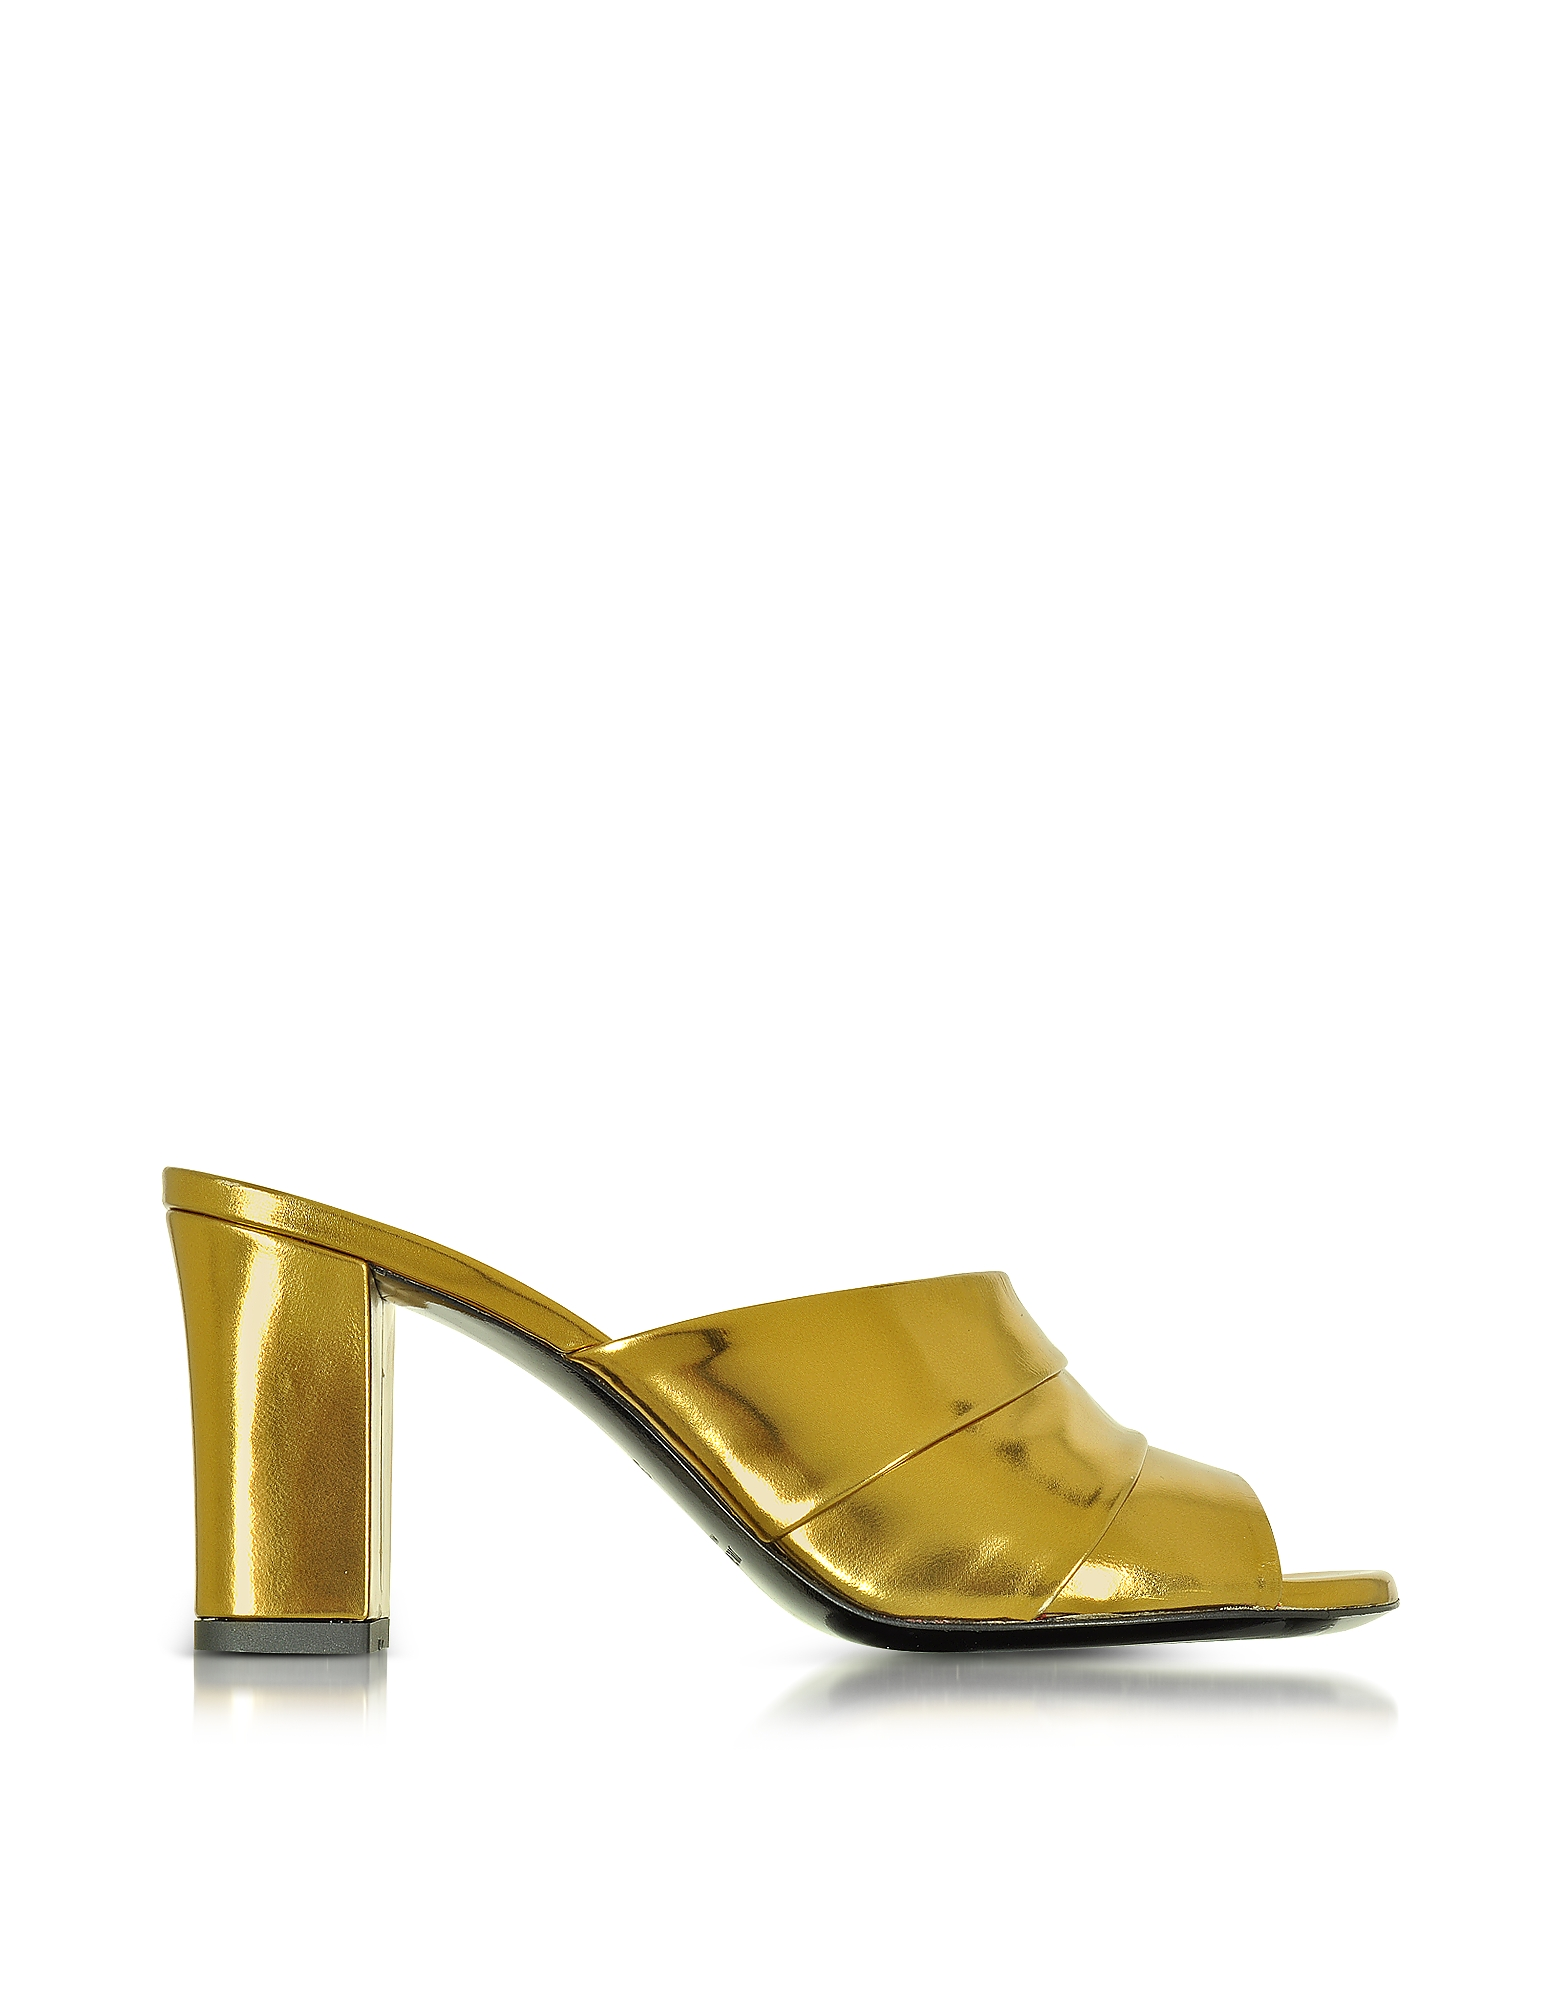 Sandalo in Pelle Laminata Oro con Tacco Alto